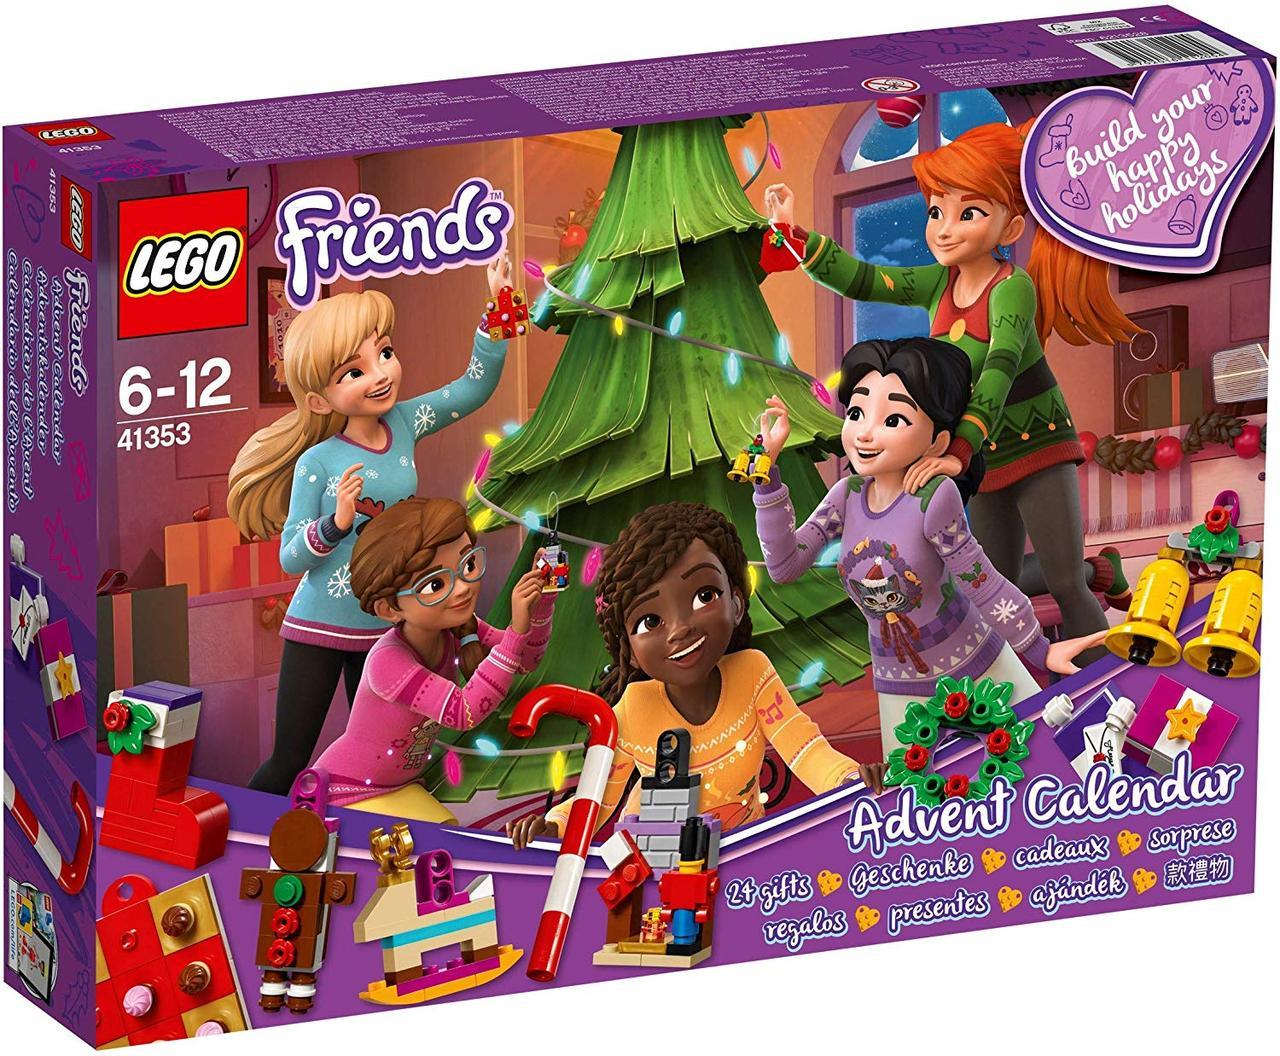 LEGO Новогодний календарь 2019. 500 деталей (41353) лего френдс рождественсий адвент календарь LEGO advent Подробнее: https://yestoys.com.ua/p1073966641-lego-novogodnij-kalendar.html